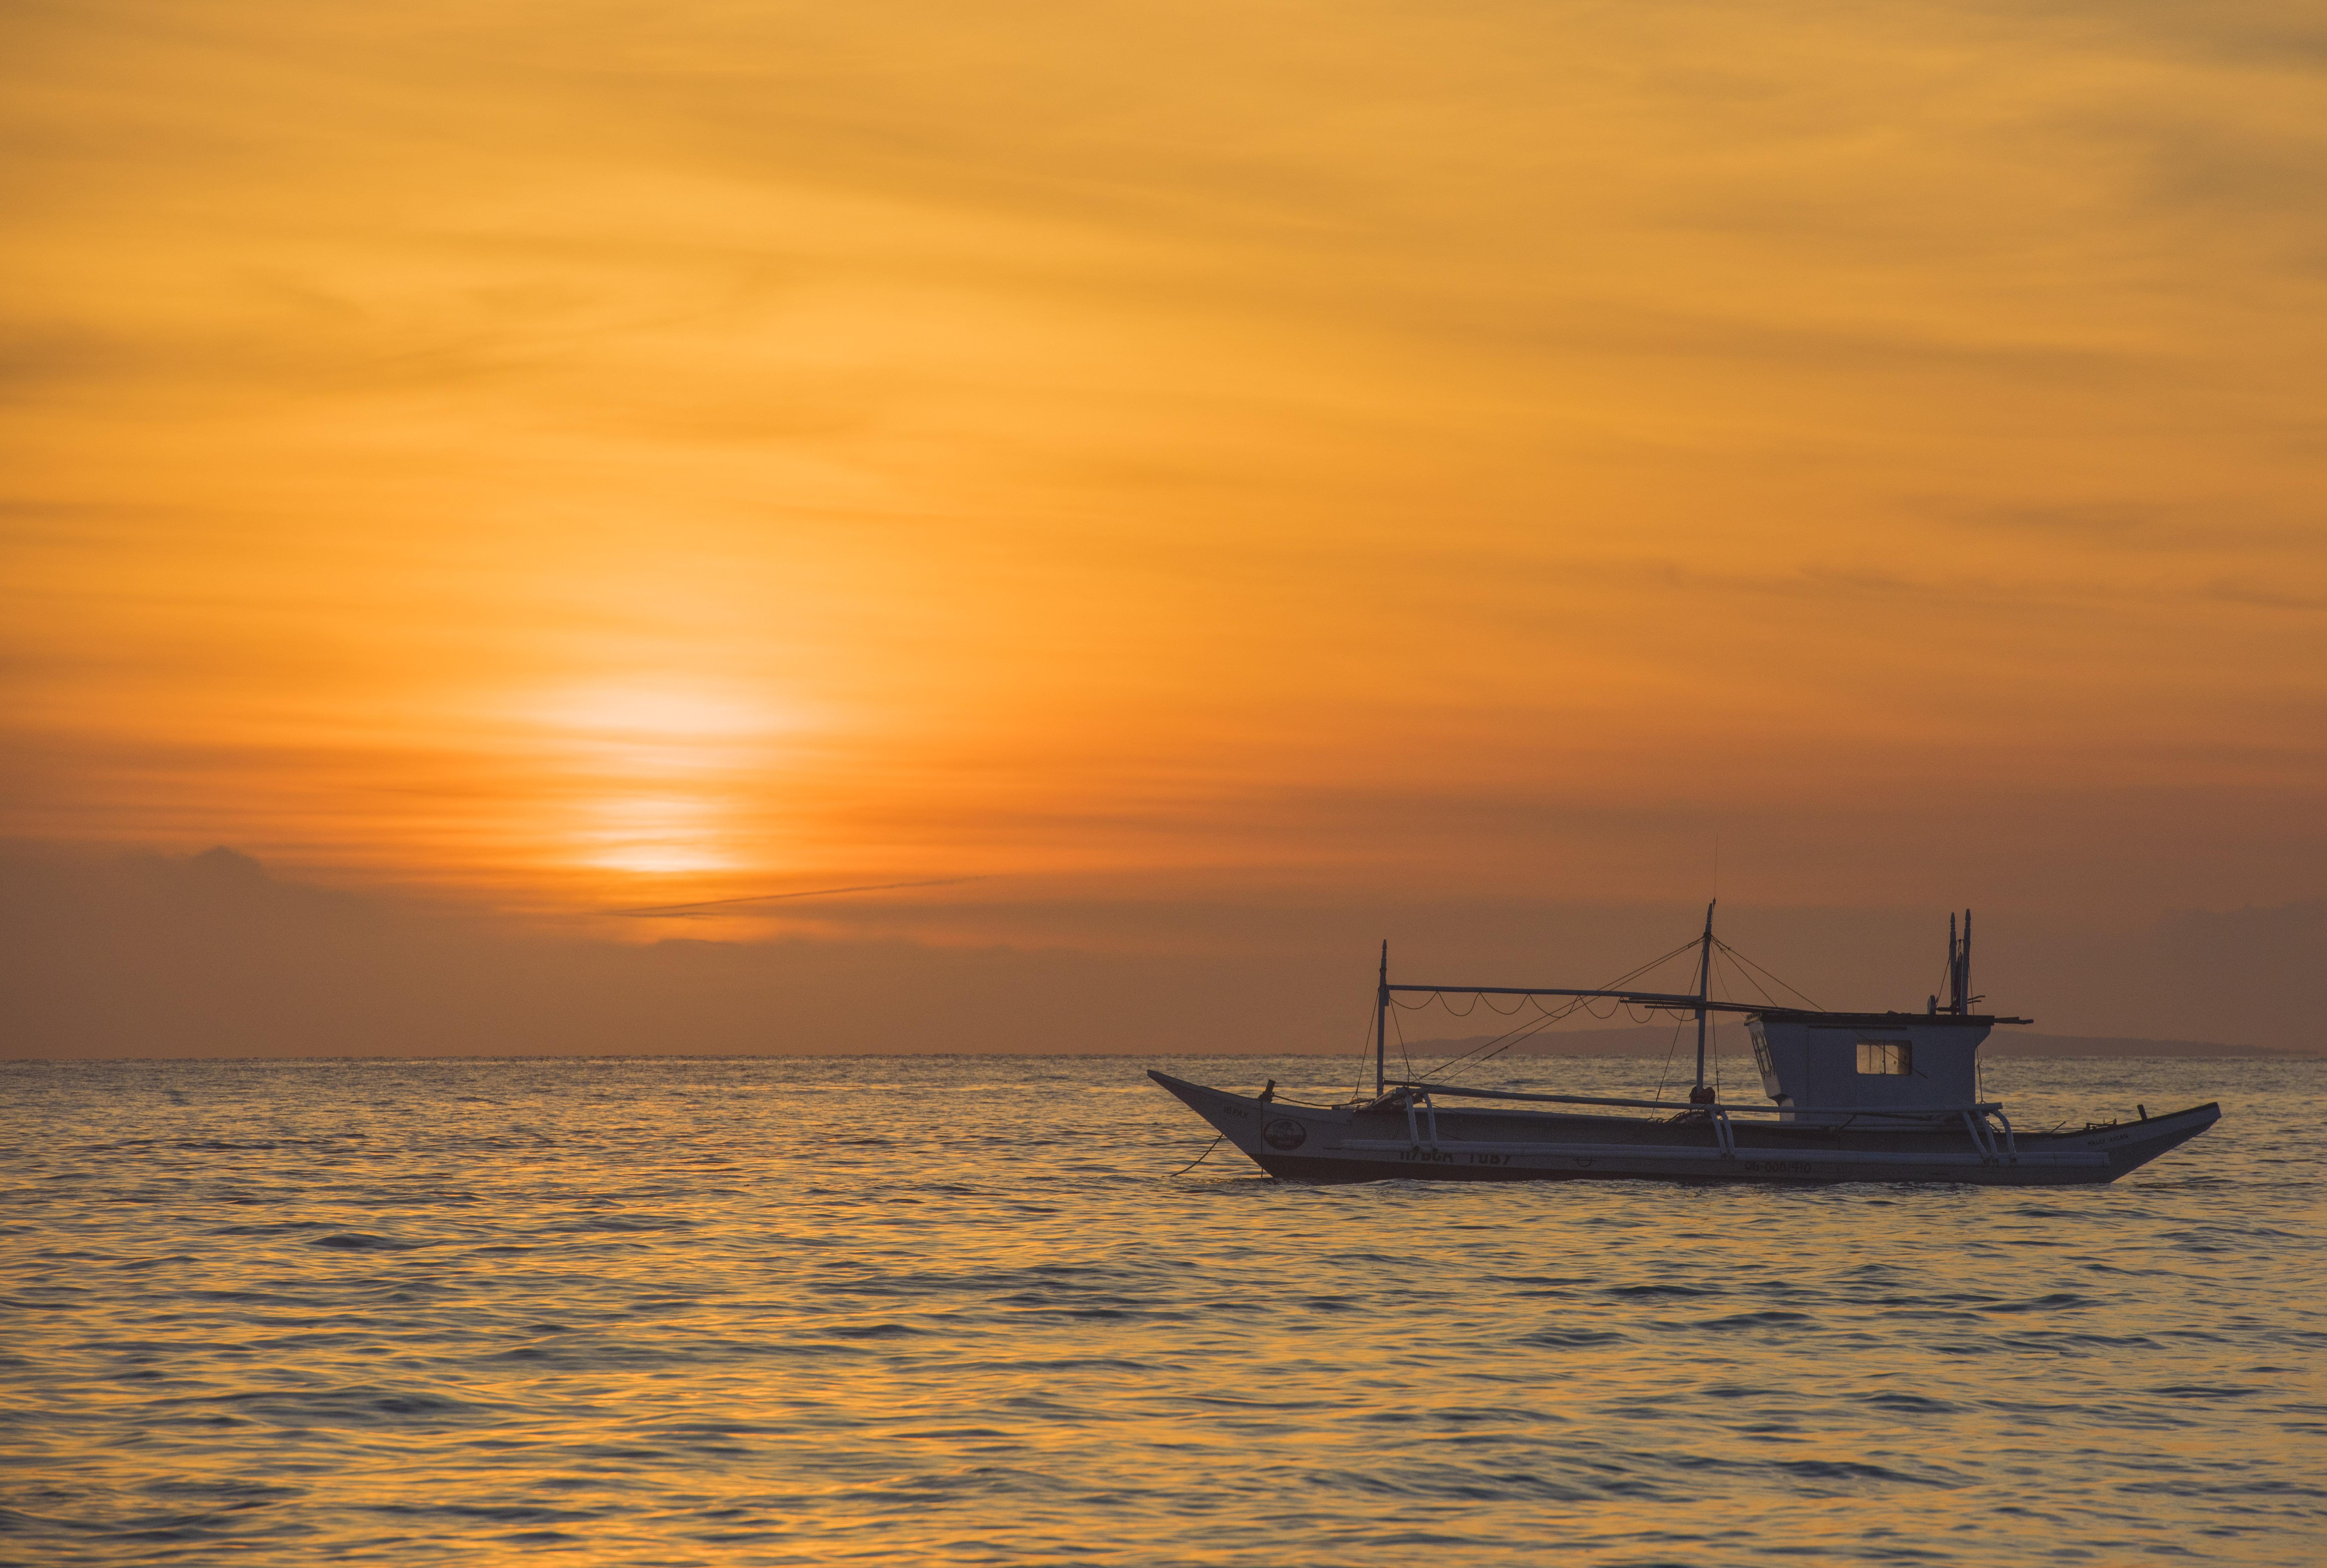 世界最美的日落在哪里?